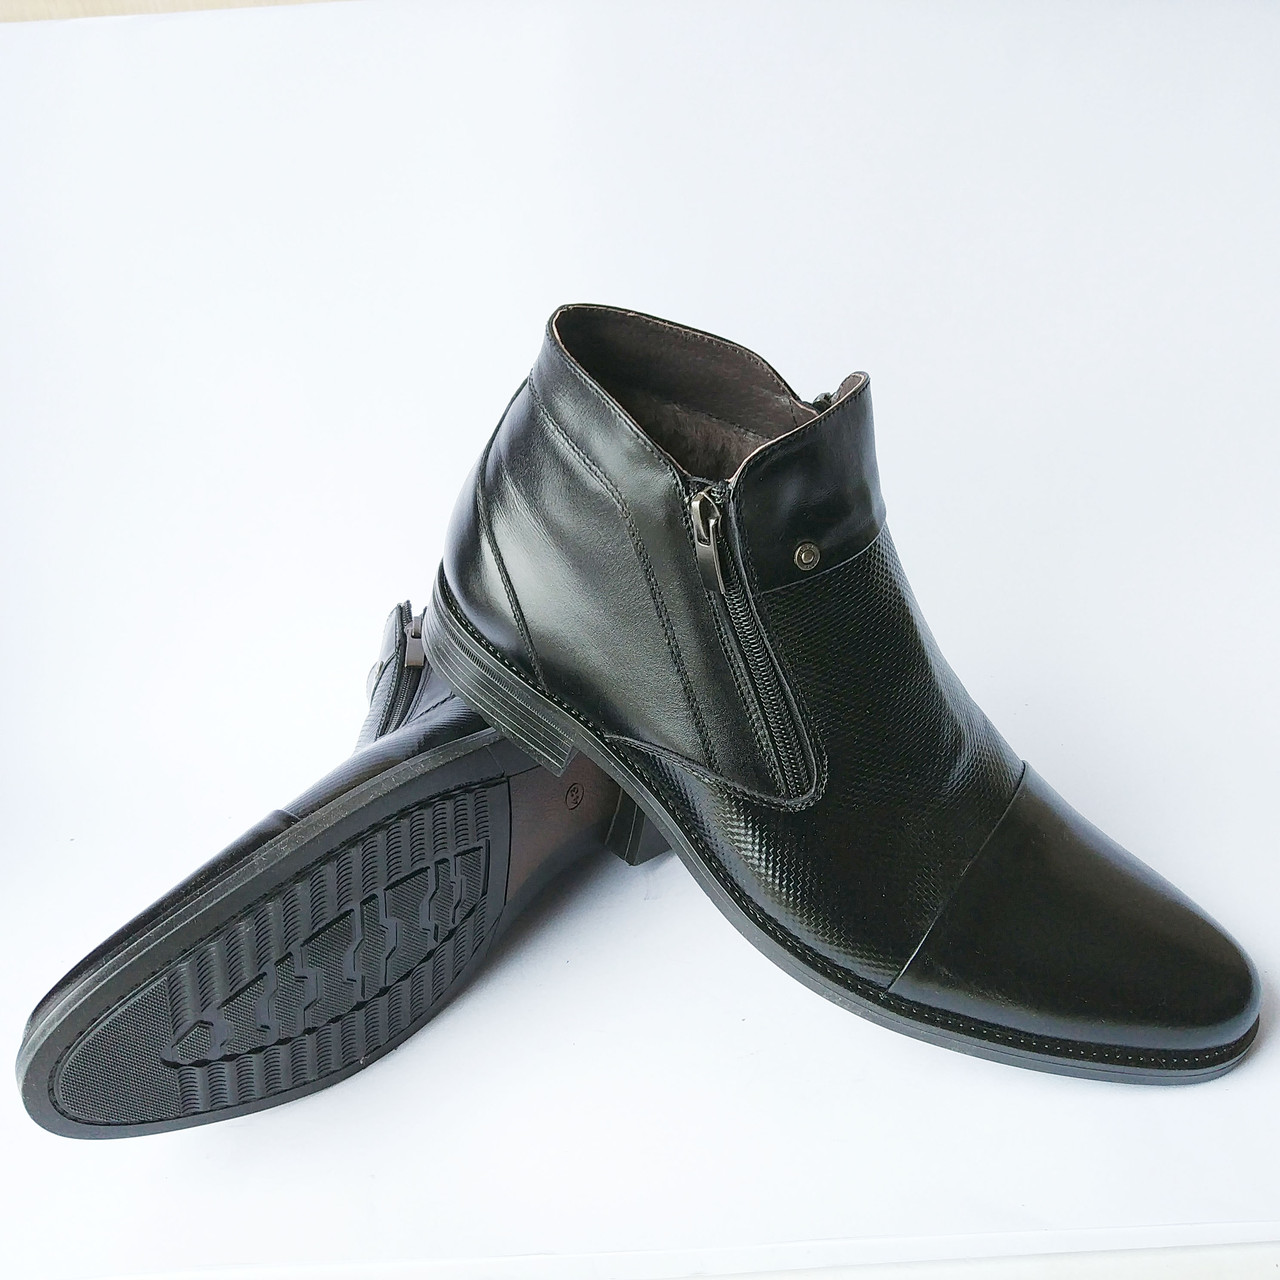 6b130d7f8484 Купить мужскую обувь норд   зимние, кожаные ботинки черного цвета, на  натуральном меху,